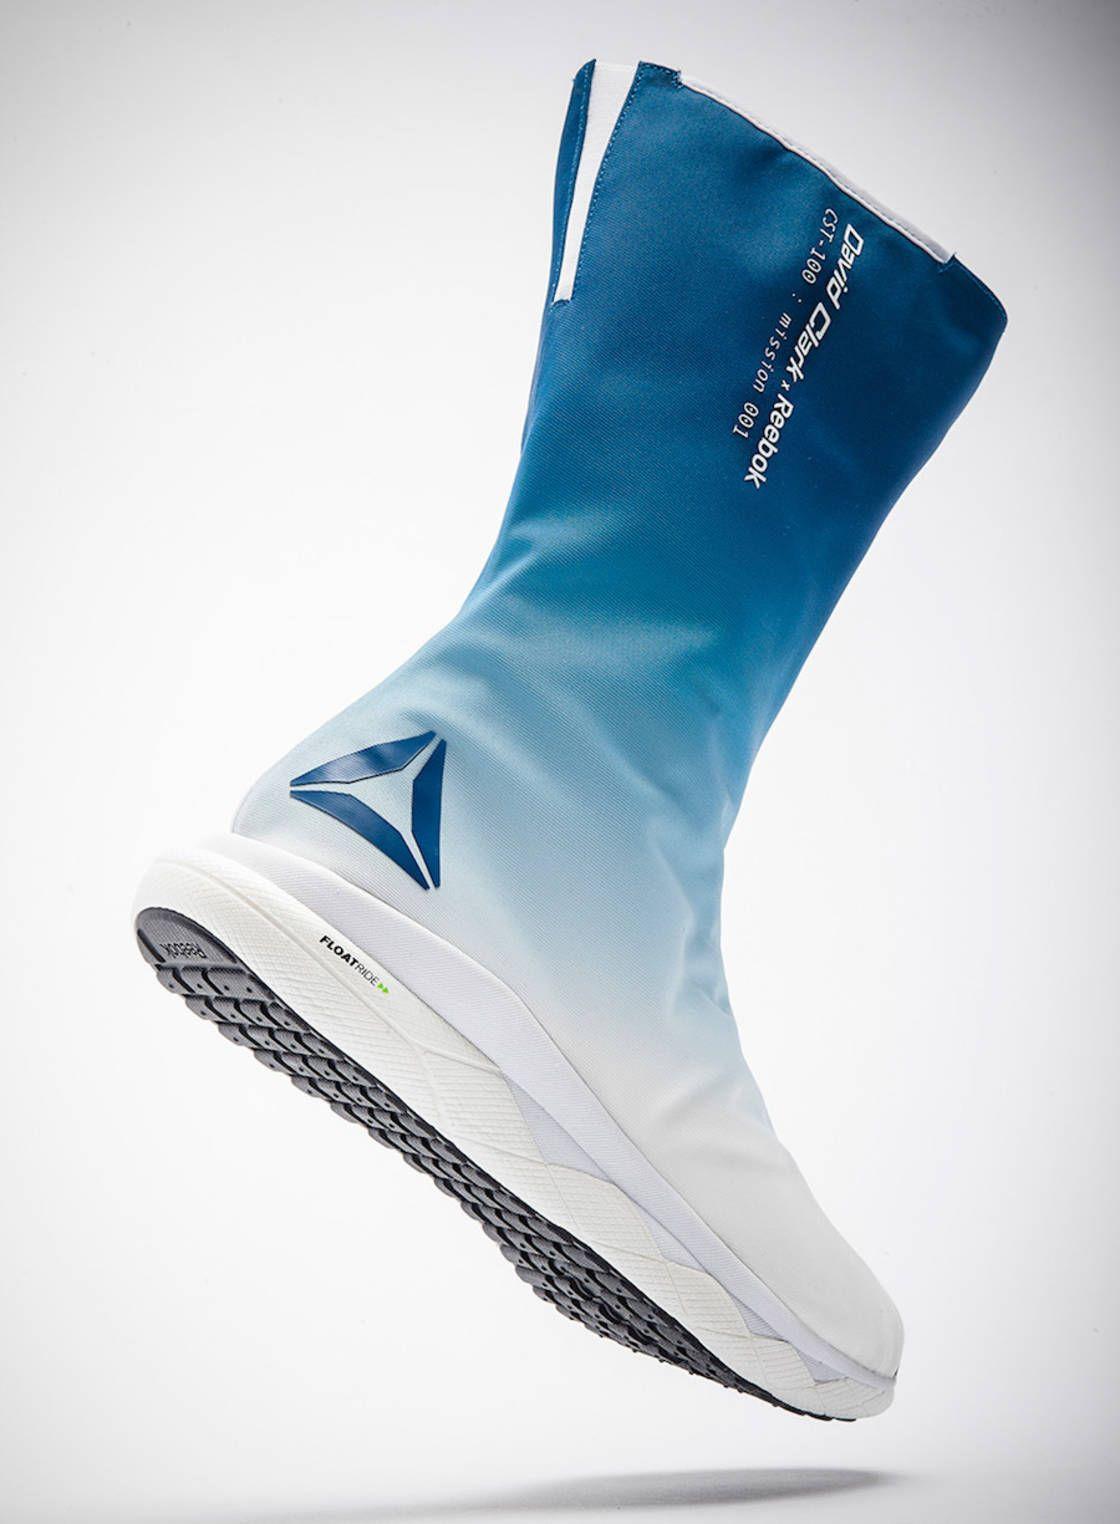 SB 01 Sneakers – Reebok développe des chaussures pour les